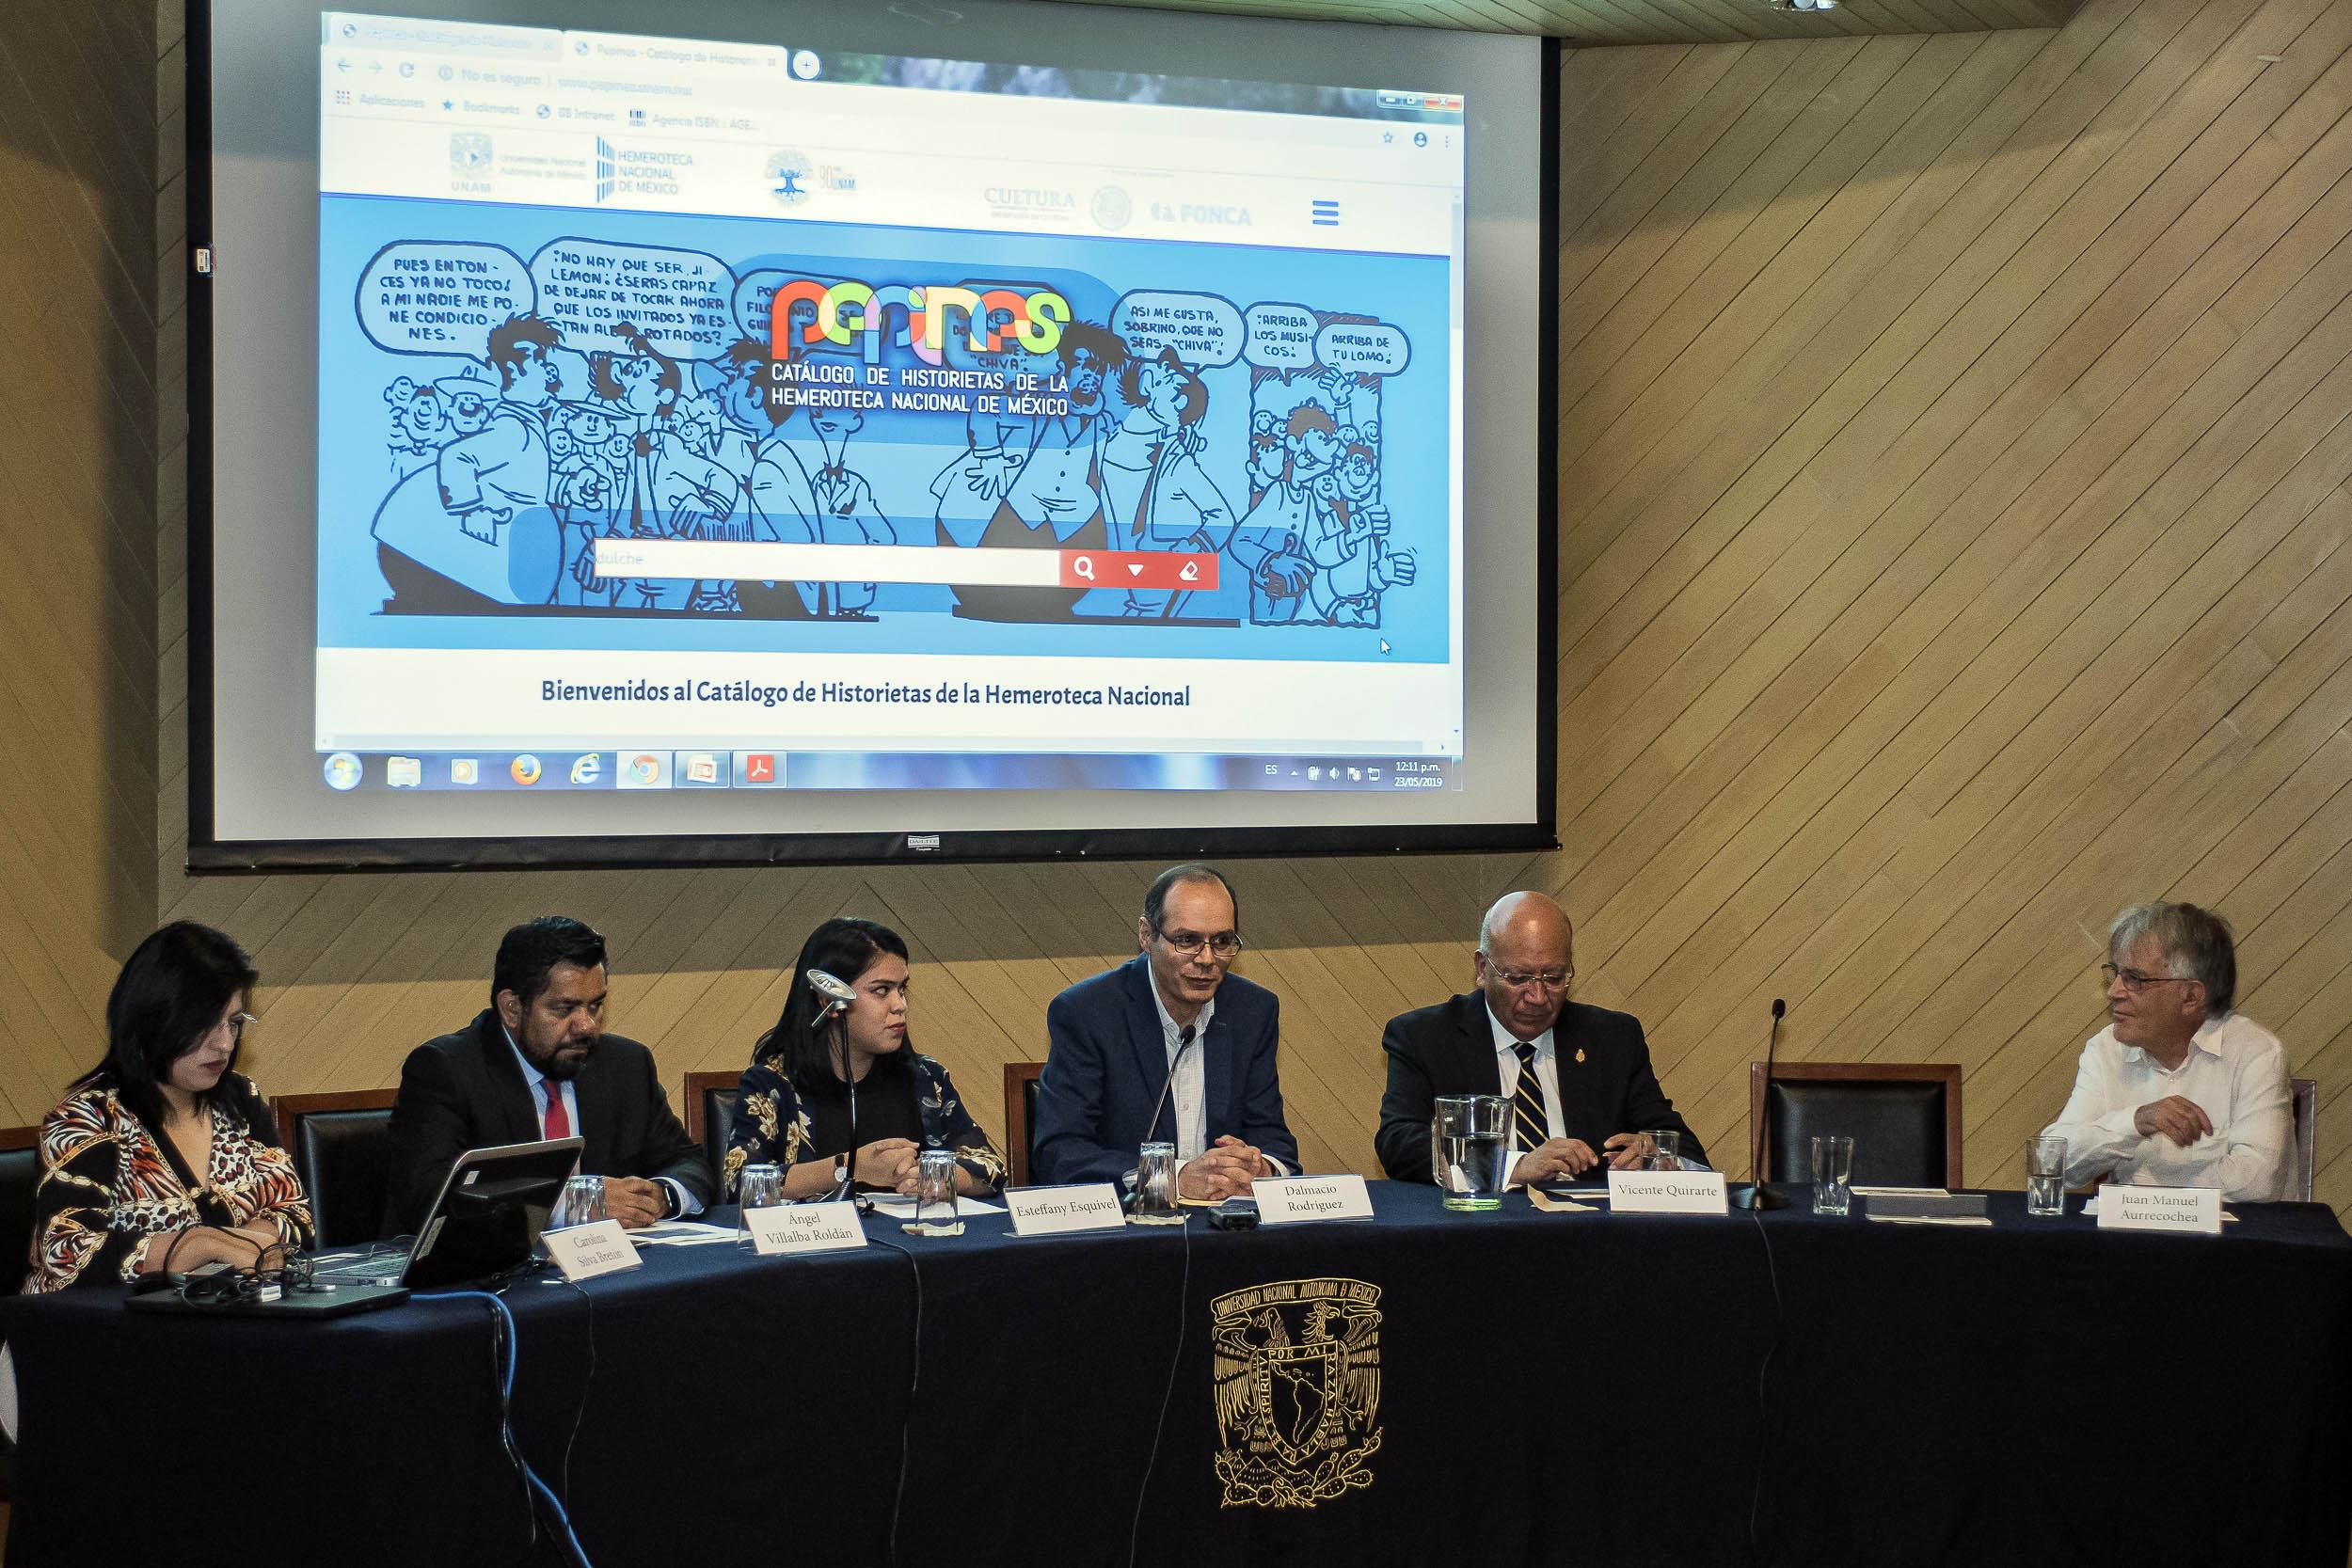 Historietas se digitalizan en la UNAM